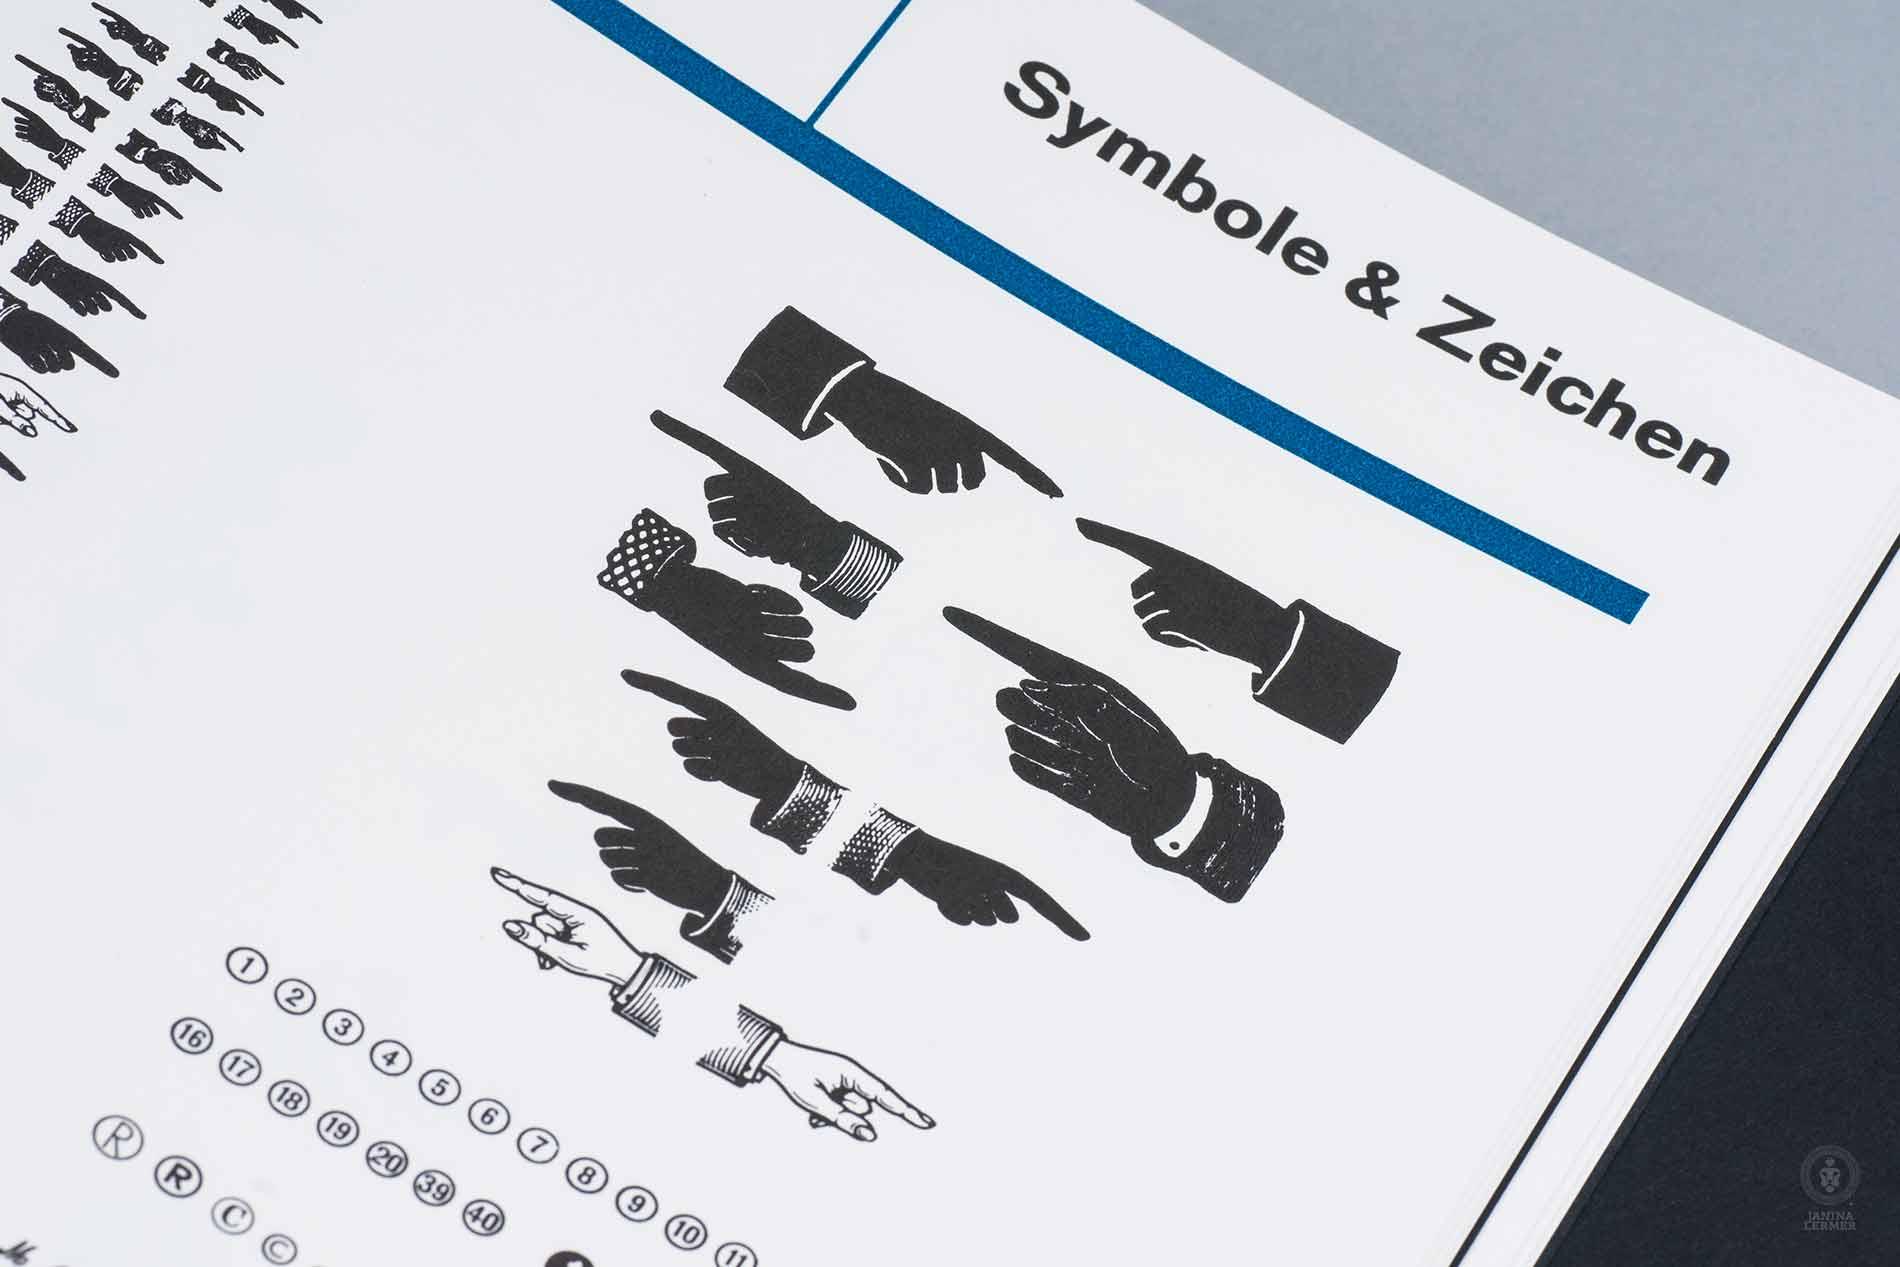 Janina-Lermer-Buchgestaltung-Magazingestaltung-Editorialdesign-Bleisatz-Metaltype-Symbols-Signs-Handgedruckt-Handprinted-Werkstatt-Fliegenkopf